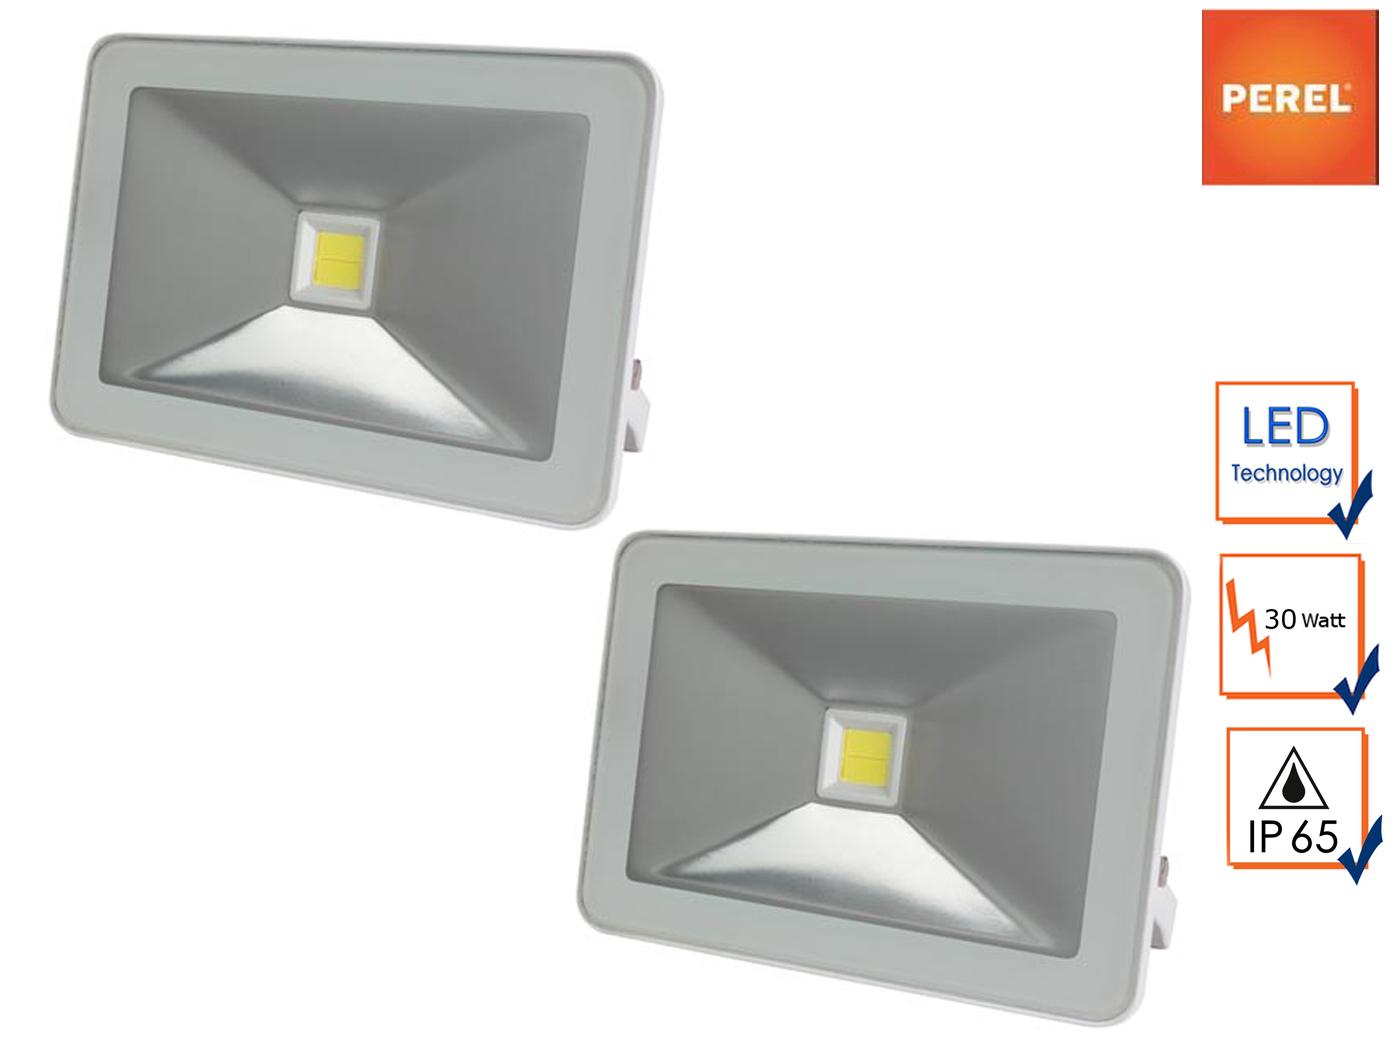 2er Set Perel LED Flutlicht Strahler 30W Baustrahler weiß, Scheinwerfer außen